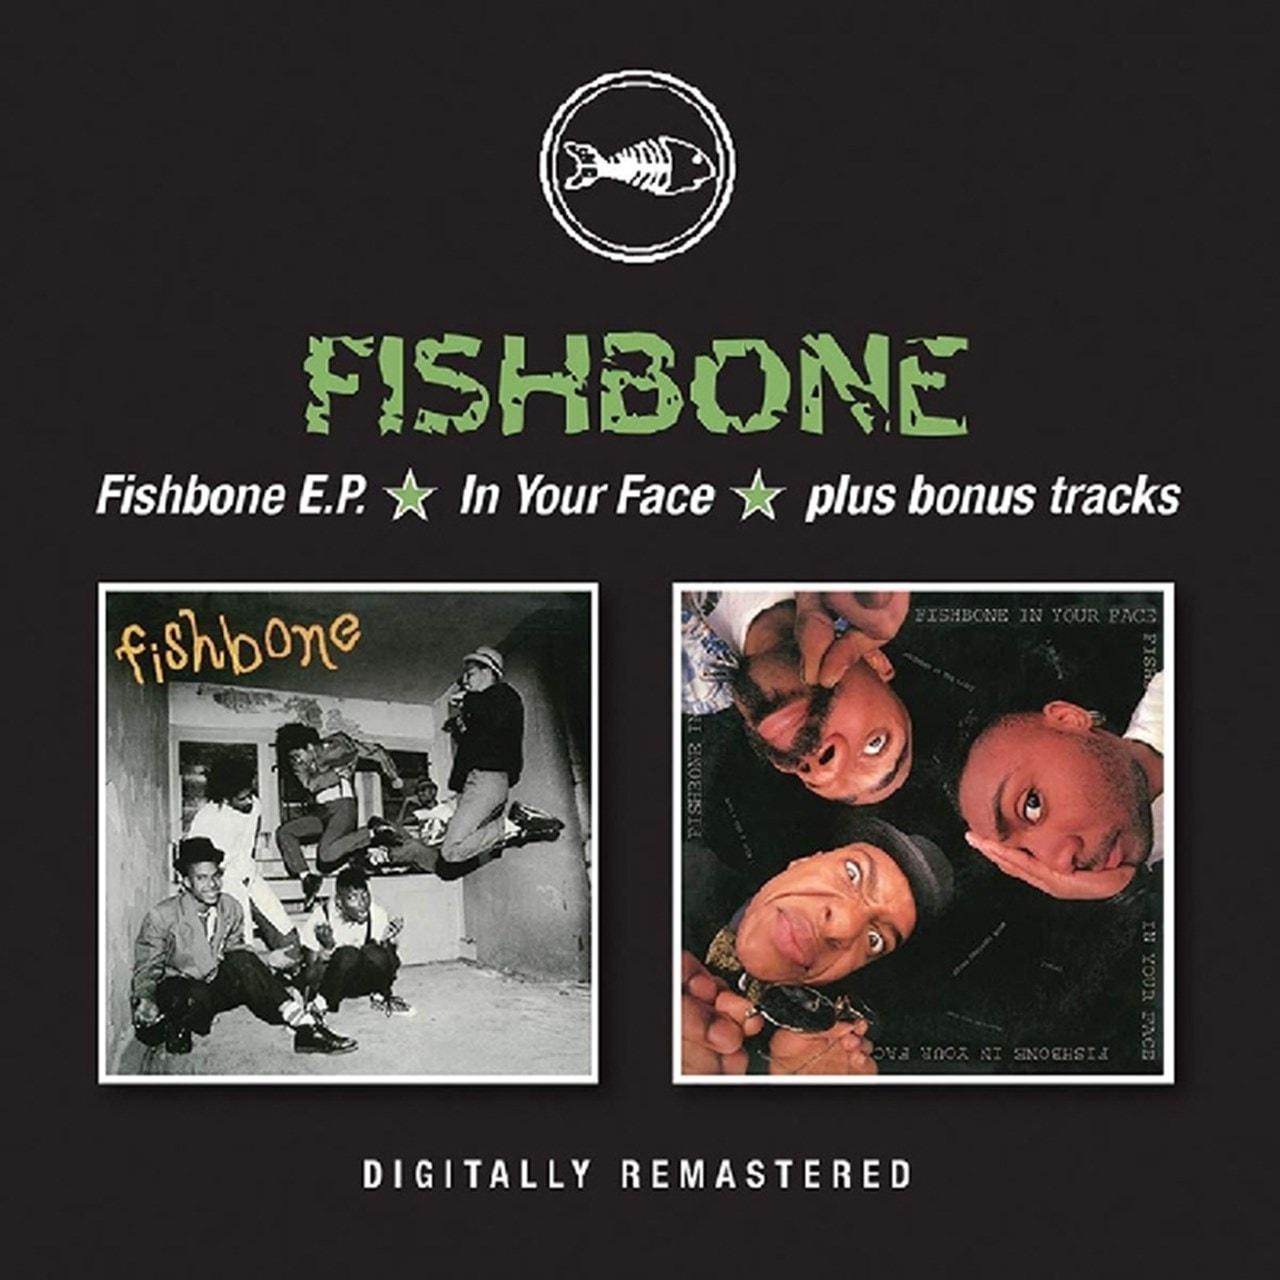 Fishbone EP/In Your Face/Plus Bonus Tracks - 1